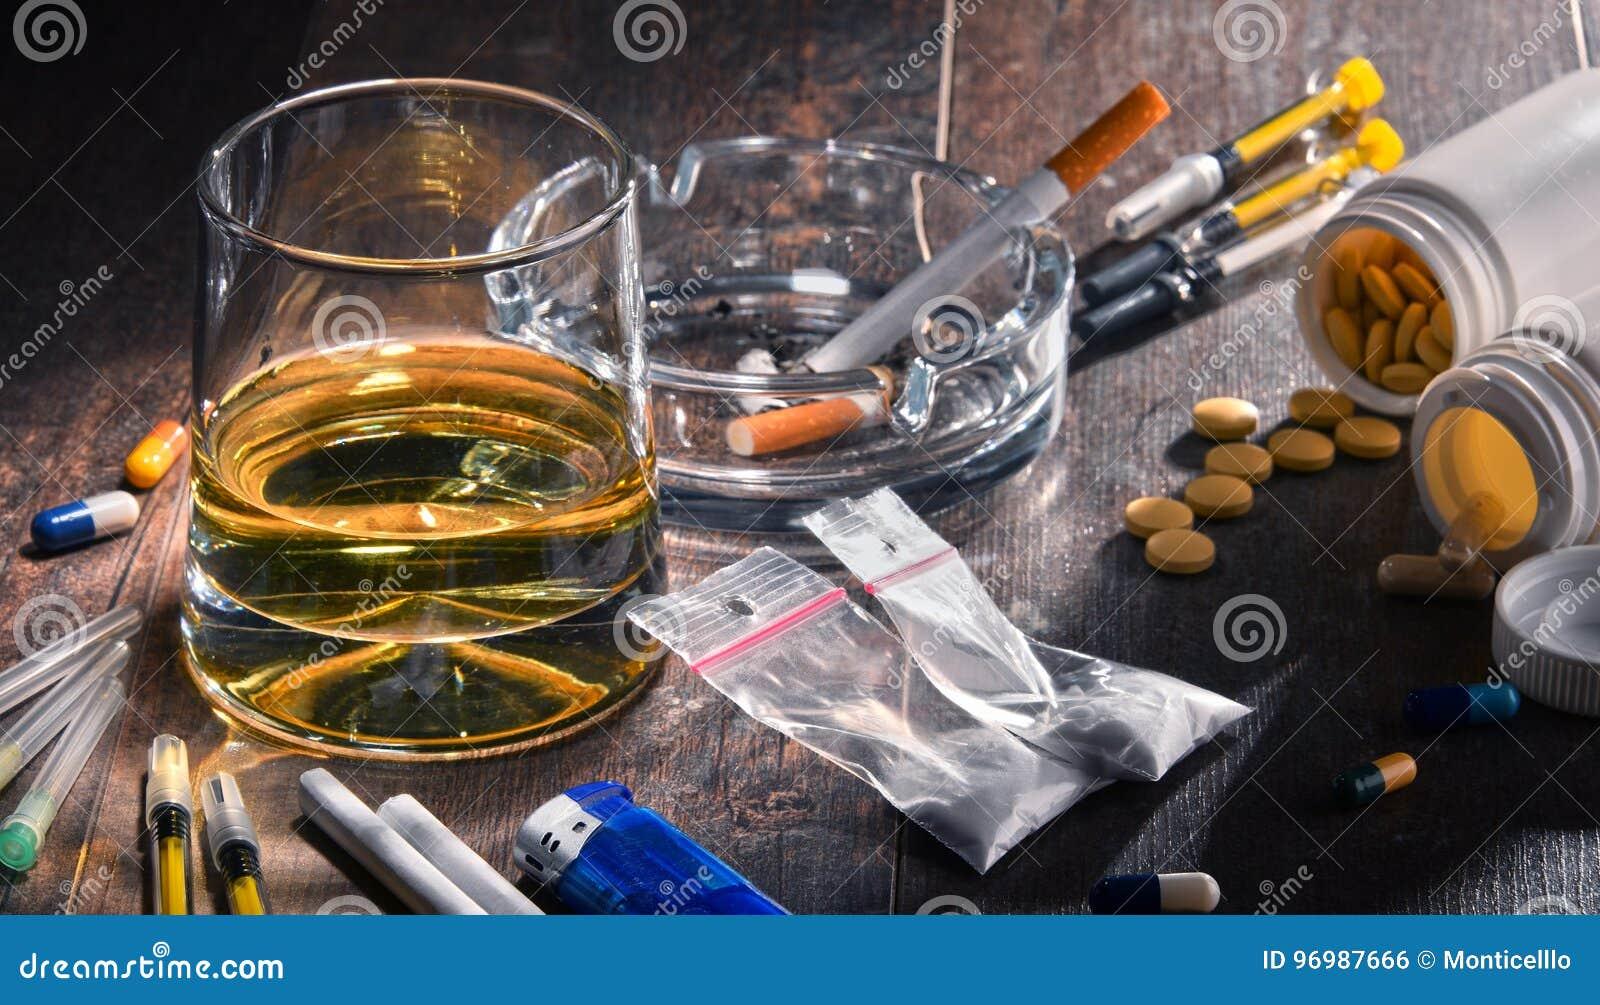 Verslavende substanties, met inbegrip van alcohol, sigaretten en drugs